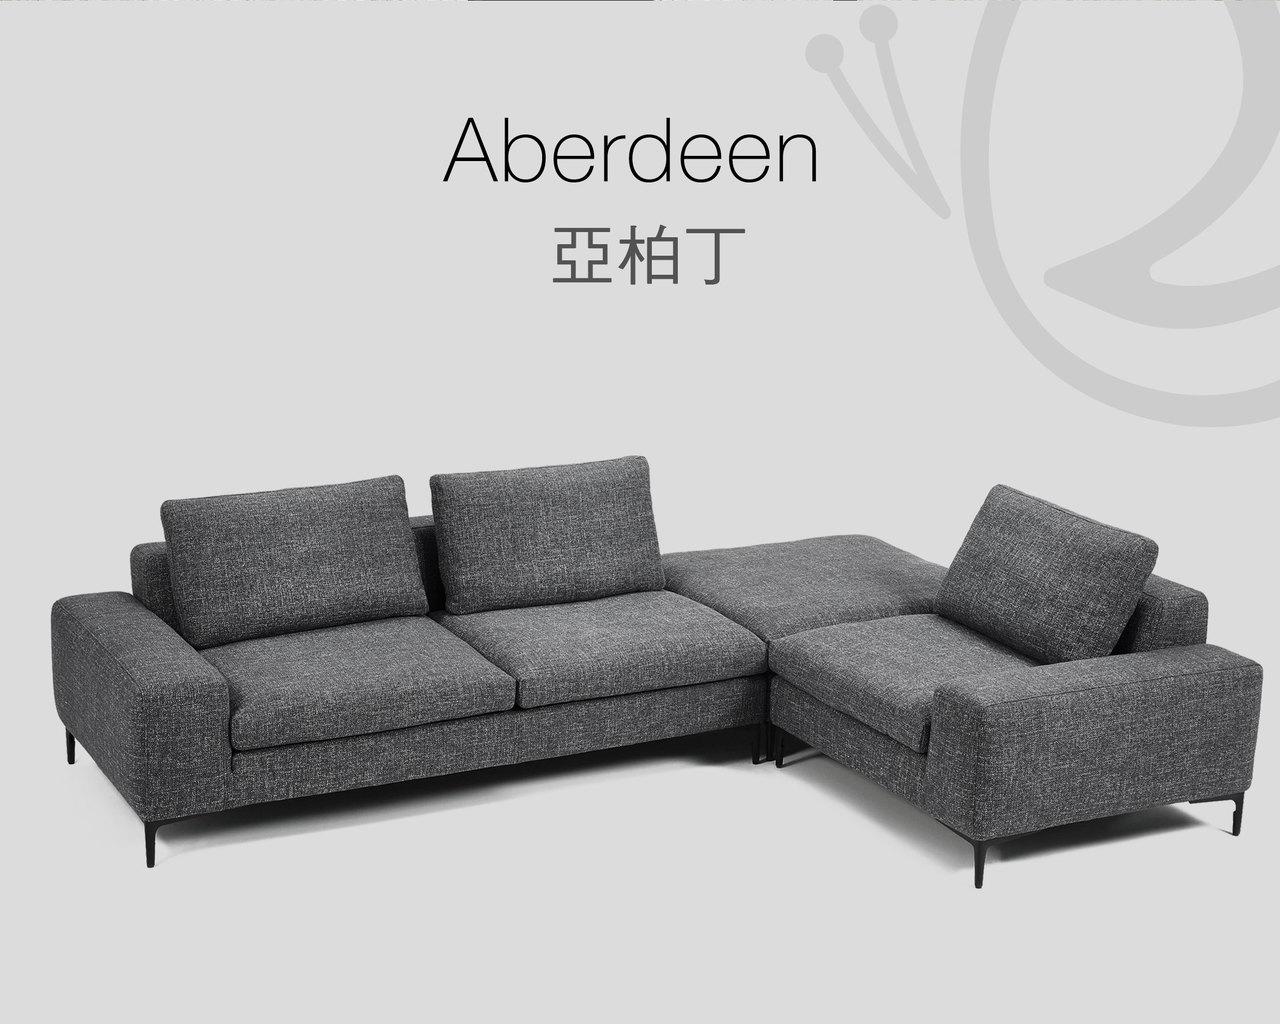 布沙發推薦 Aberdeen 亞柏丁布沙發 睡眠王國集團